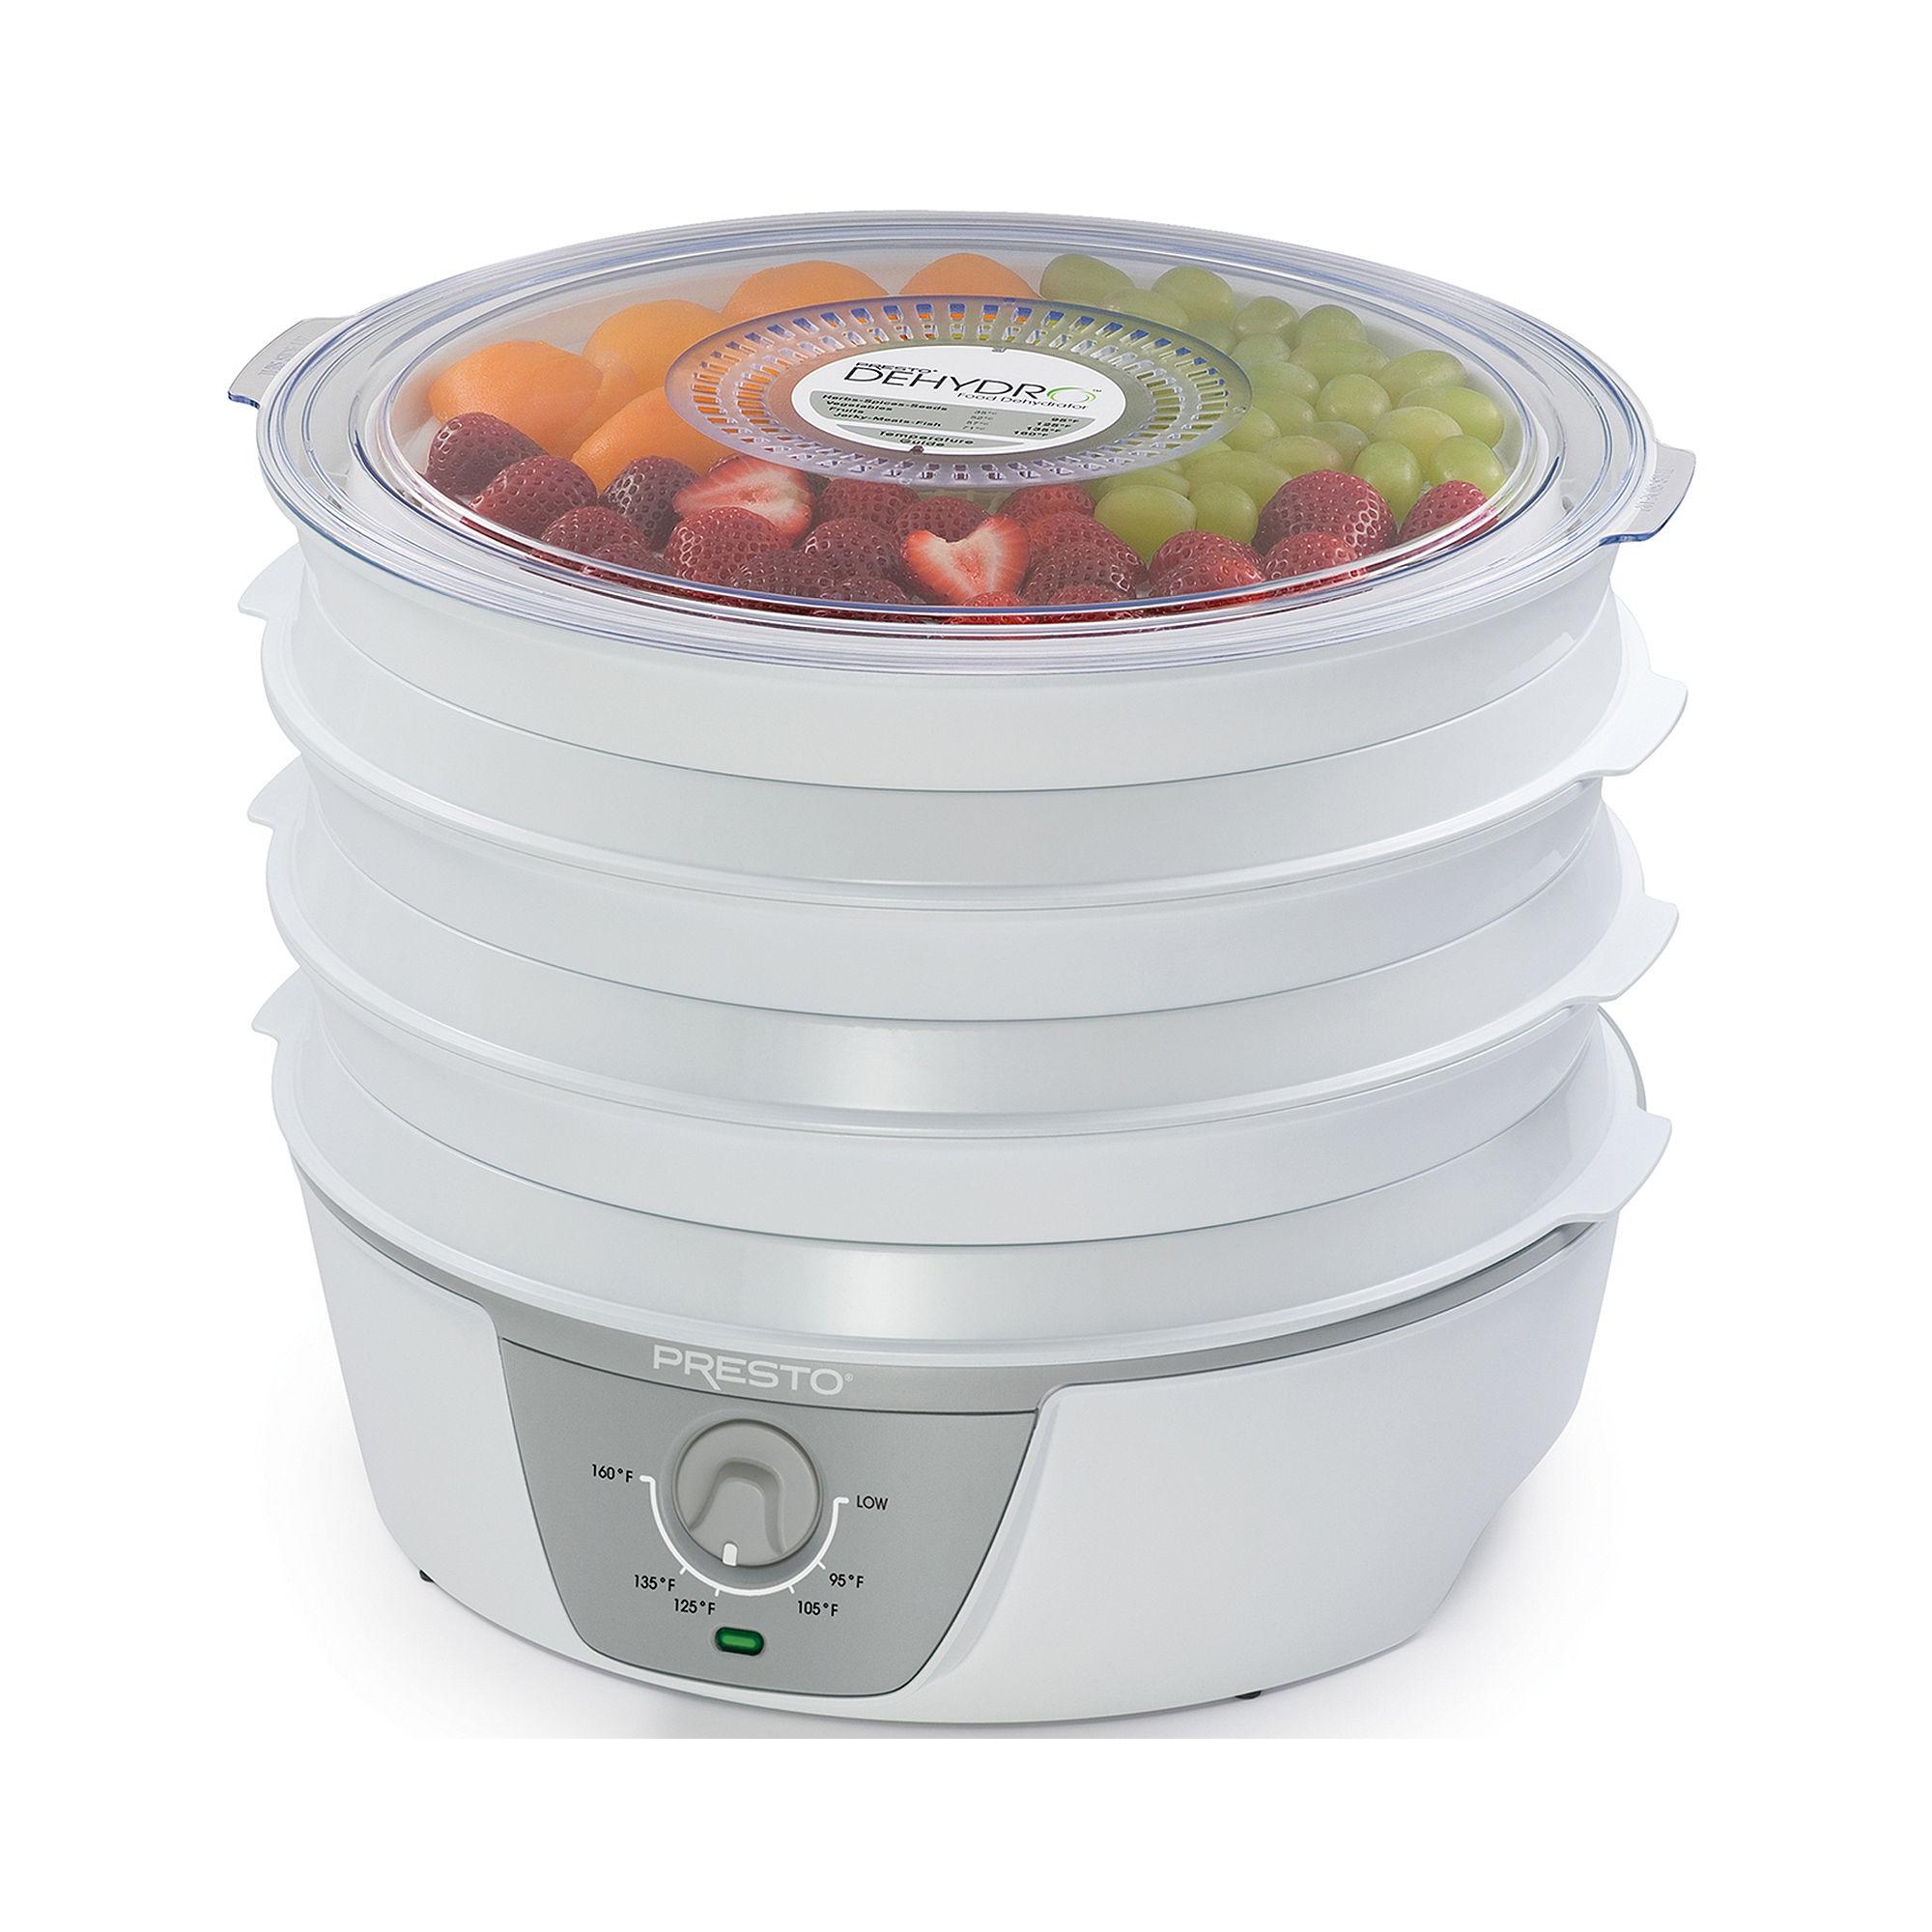 """Presto Dehydro"""" Electric Food Dehydrator With Adjustable Temperature Control"""